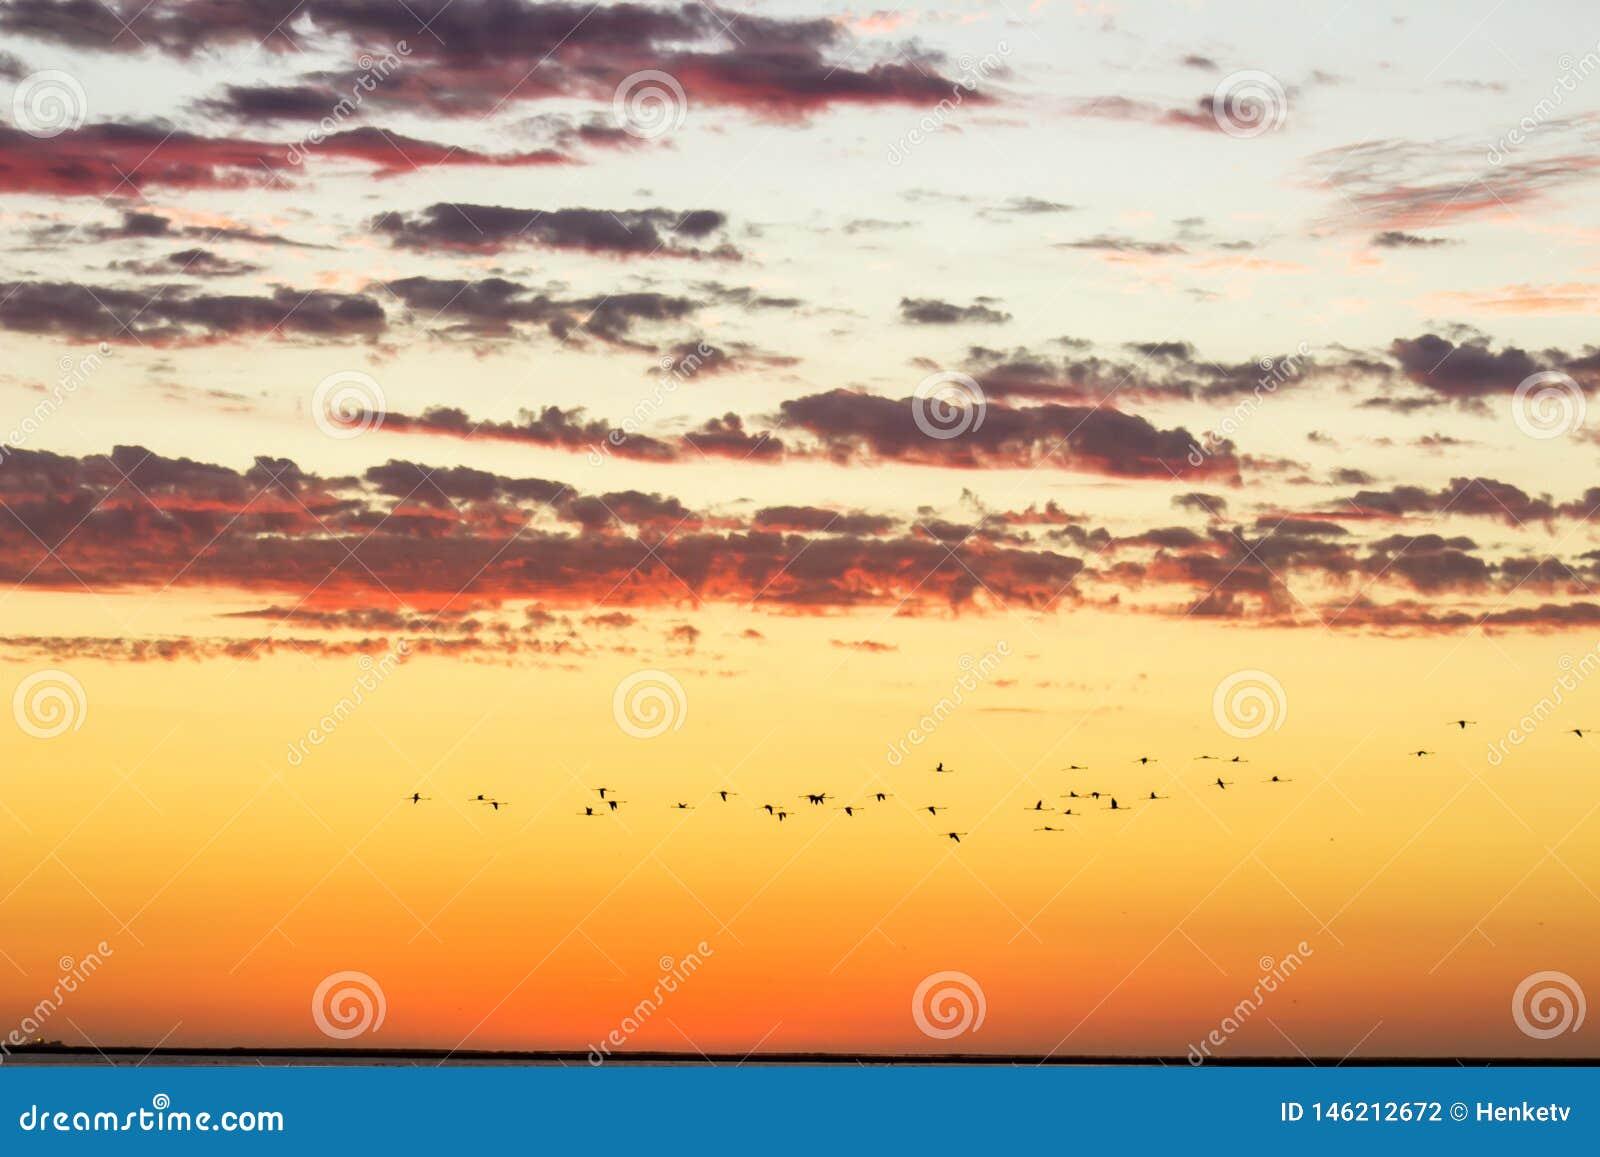 Όμορφος χρυσός νεφελώδης ουρανός τοπίου ηλιοβασιλέματος και πετώντας πουλιά